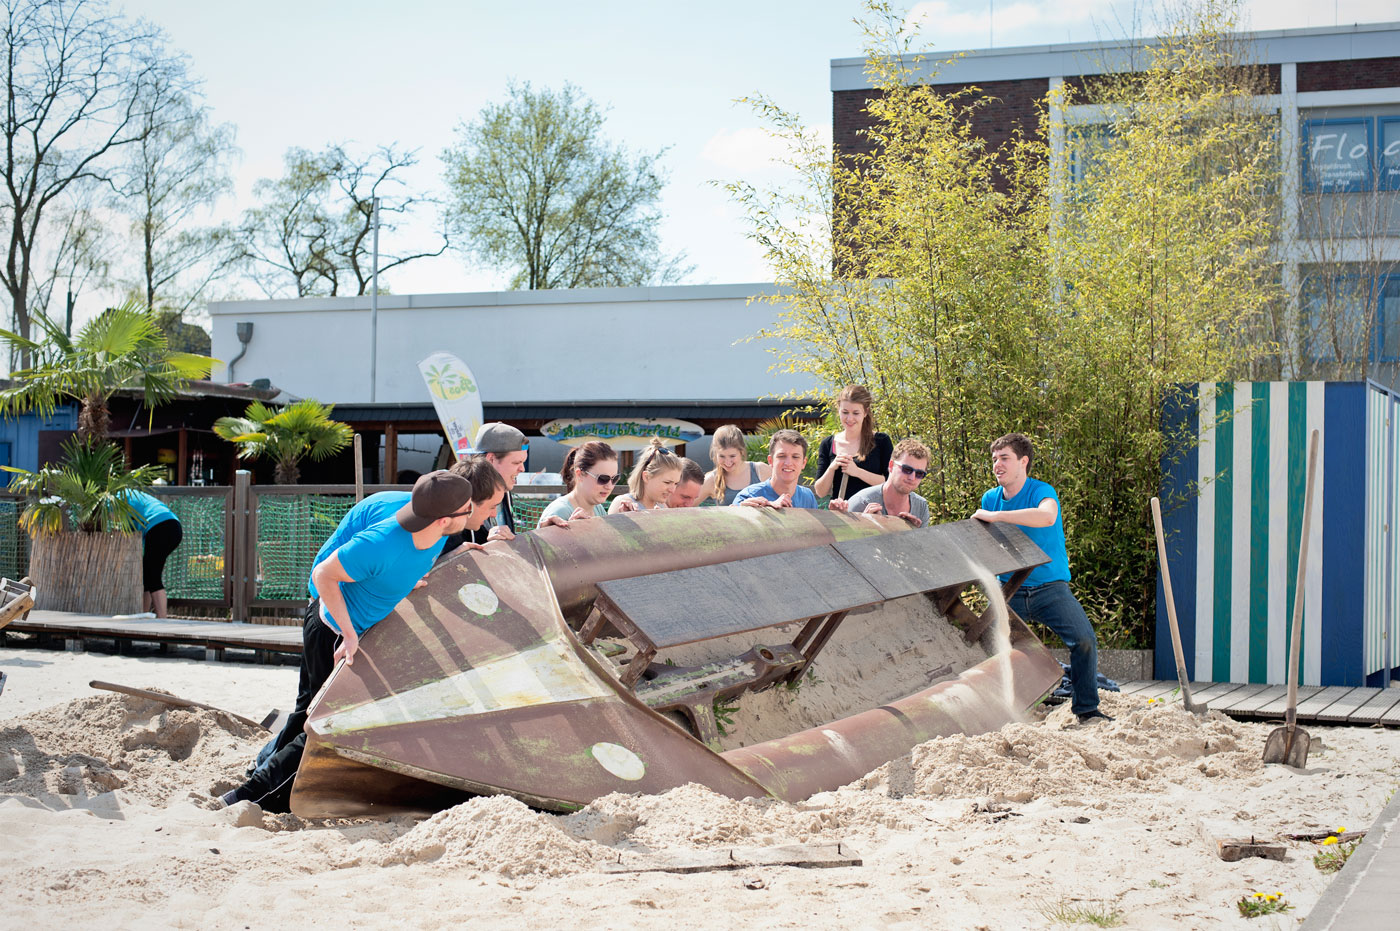 Von der Sport- zur Event-Location mit Strandfeeling - Zehn Jahre Beachclub Krefeld